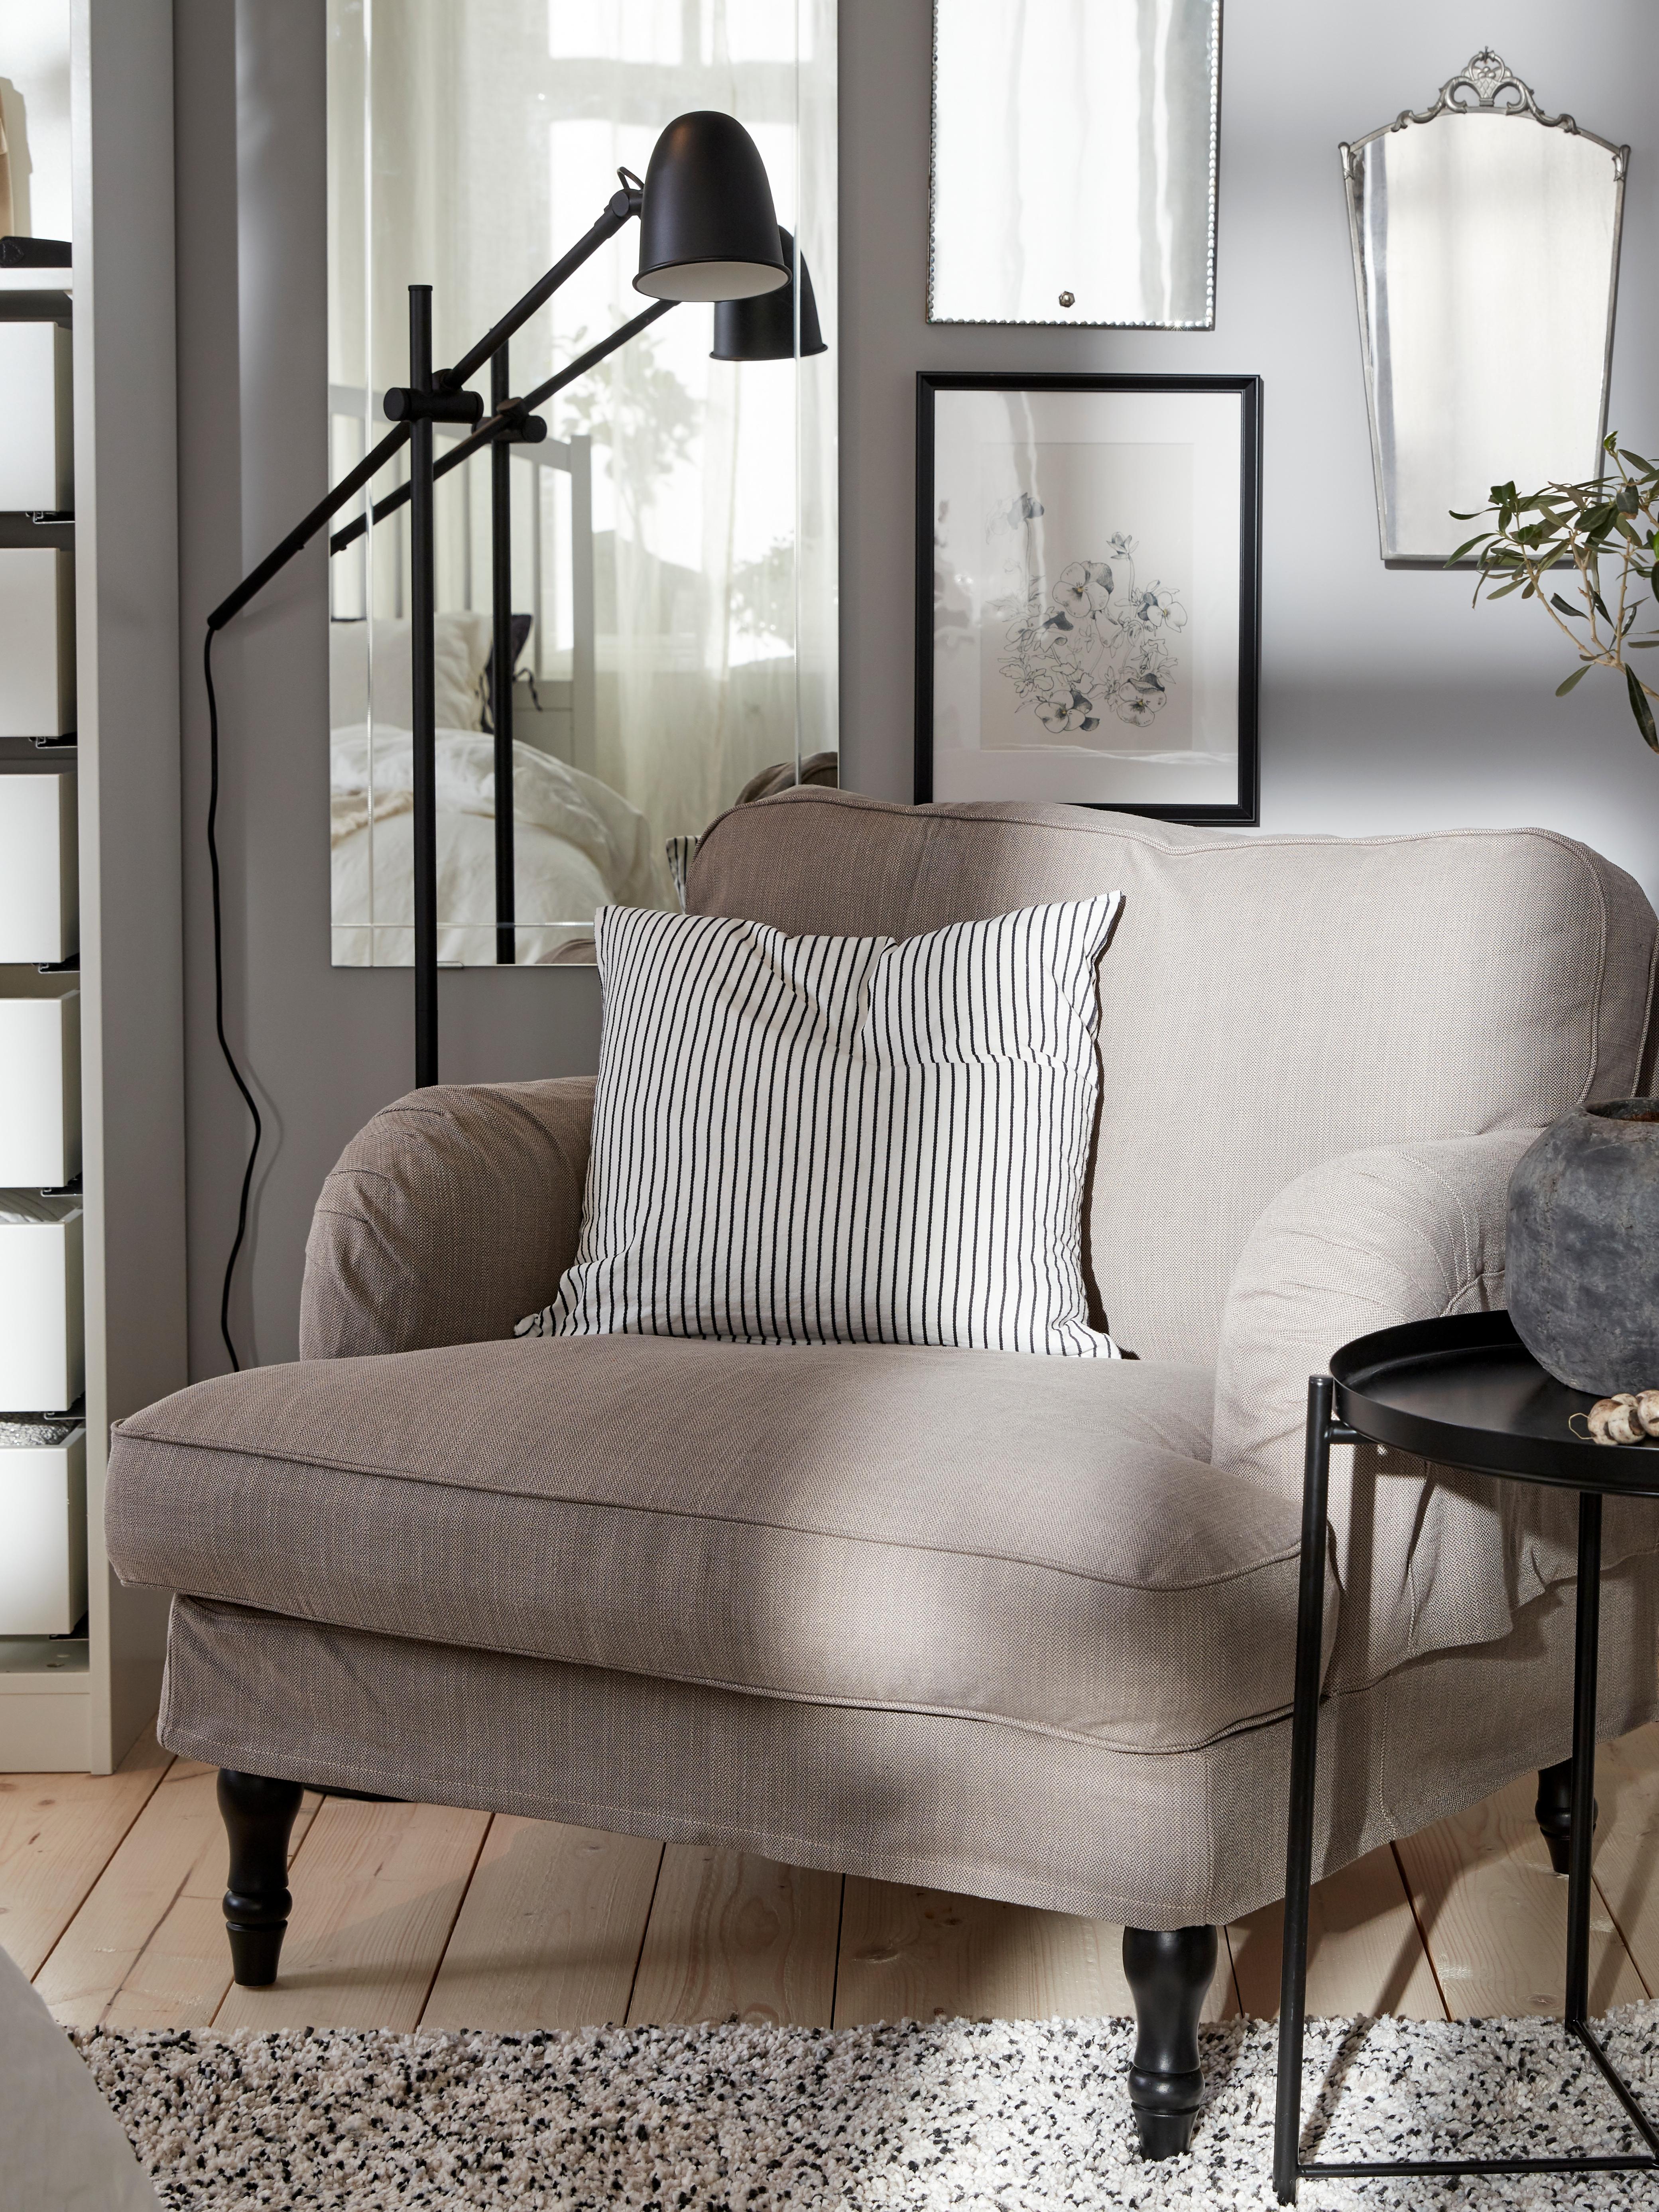 Camera da letto con poltrona STOCKSUND grigio-beige con seduta ampia e bassa e braccioli arrotondati, accanto a una lampada da terra nera e a un tavolino vassoio.